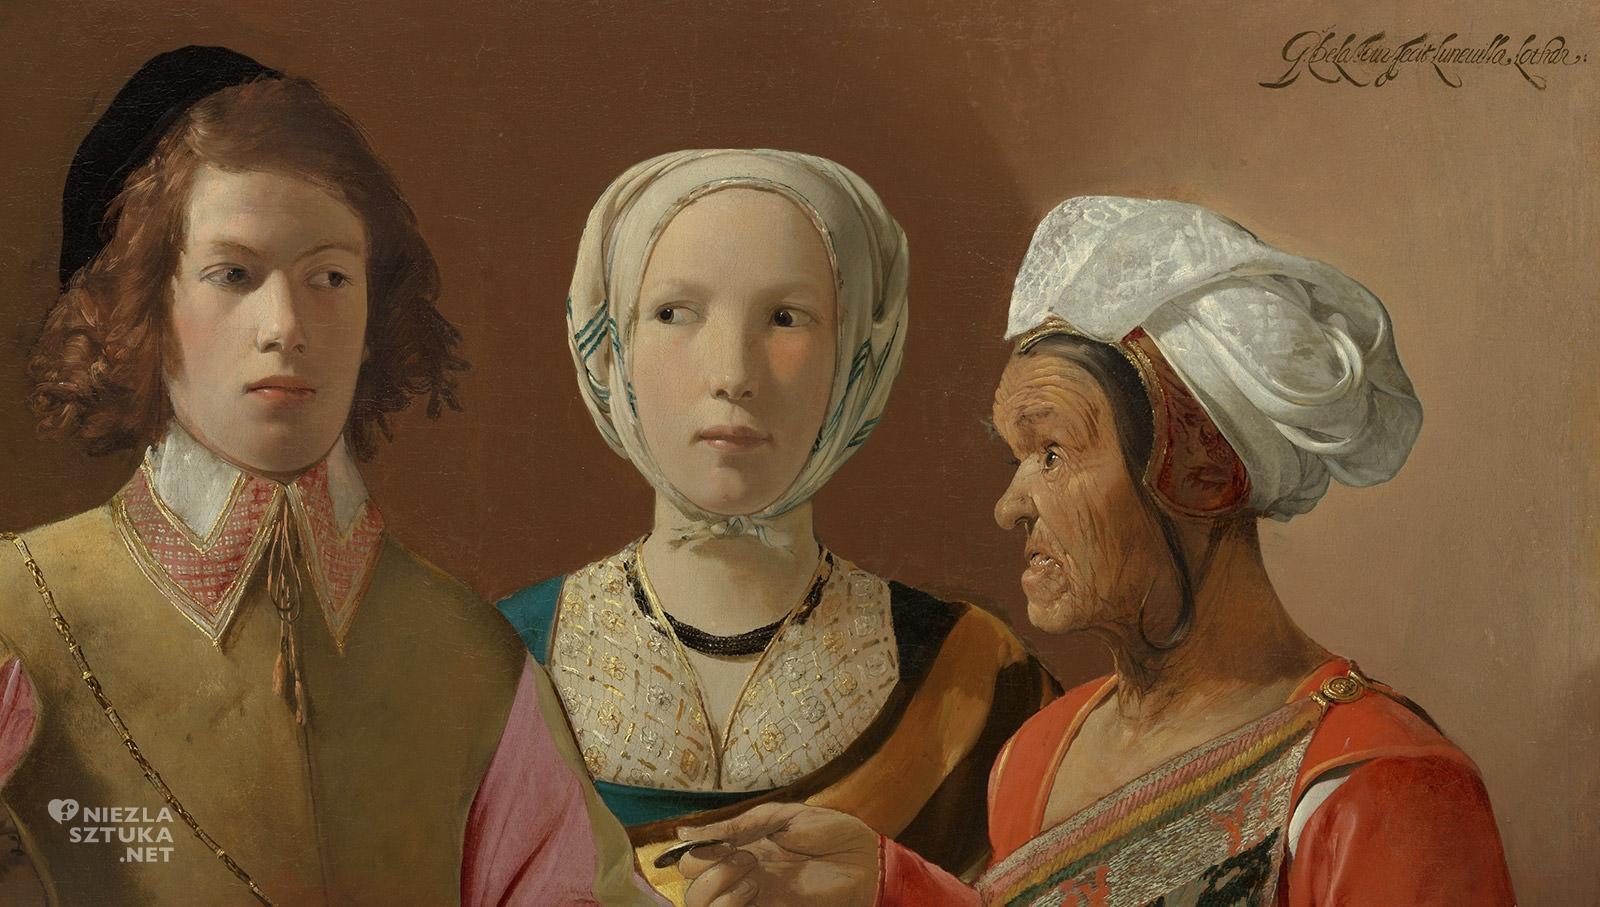 Georges de La Tour, Wróżka, barok, sztuka francuska, detal, Niezła Sztuka